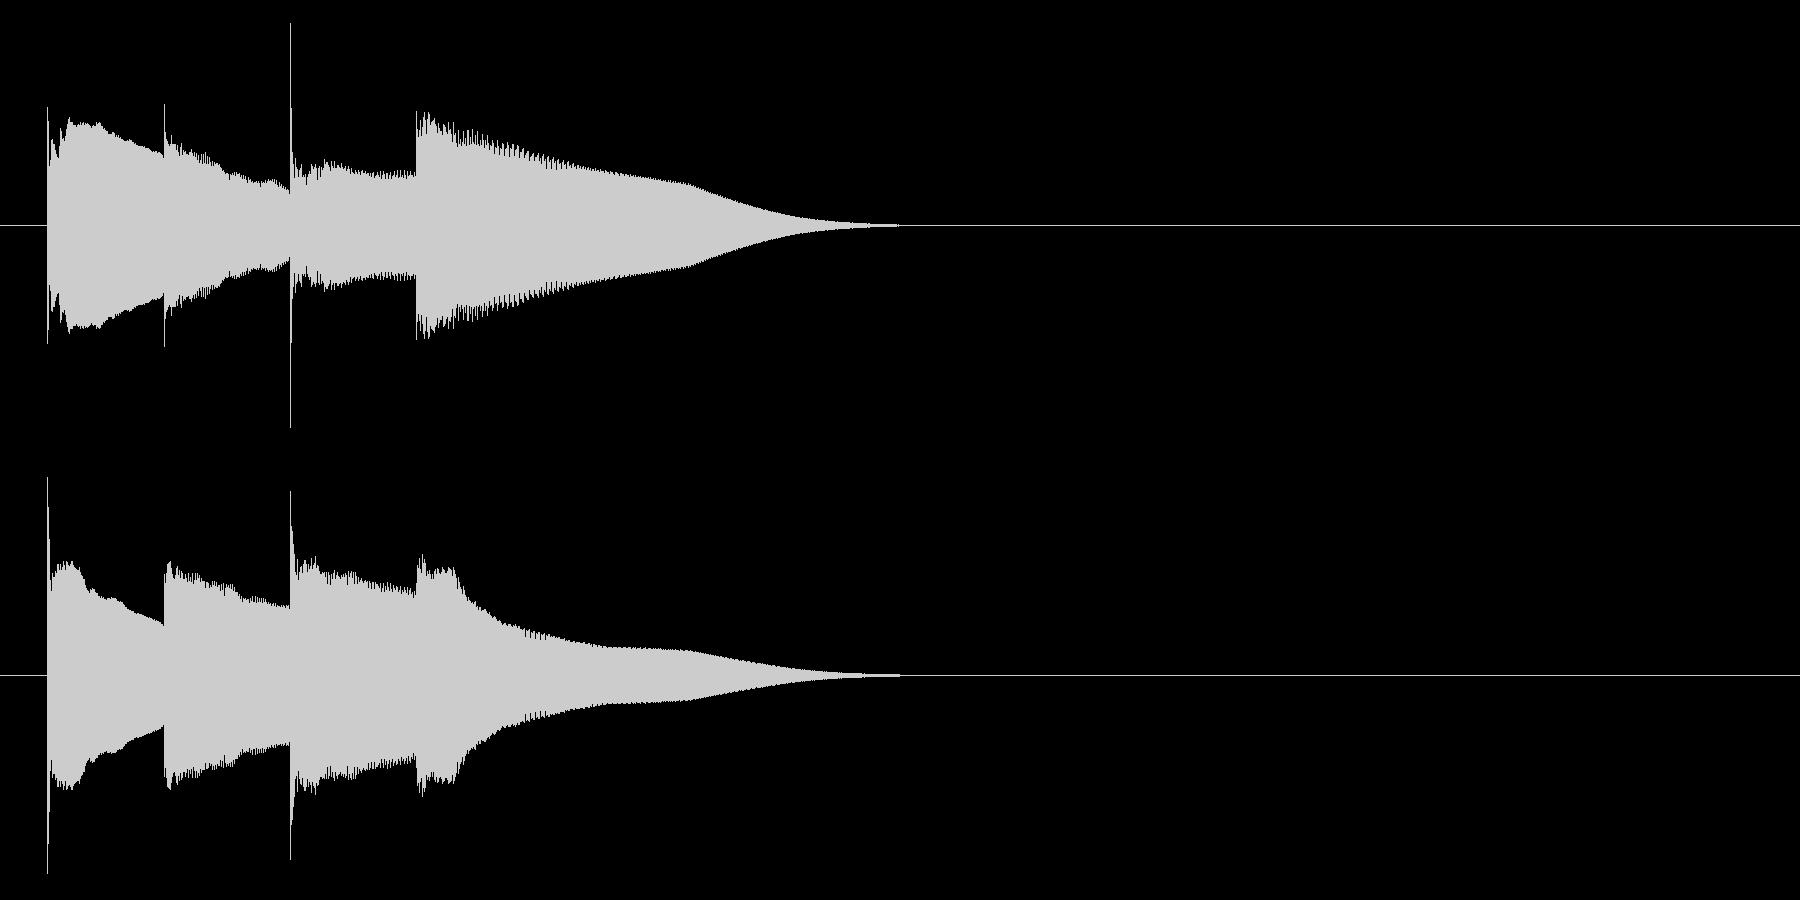 グロッケン系 キャンセル音6(大)の未再生の波形